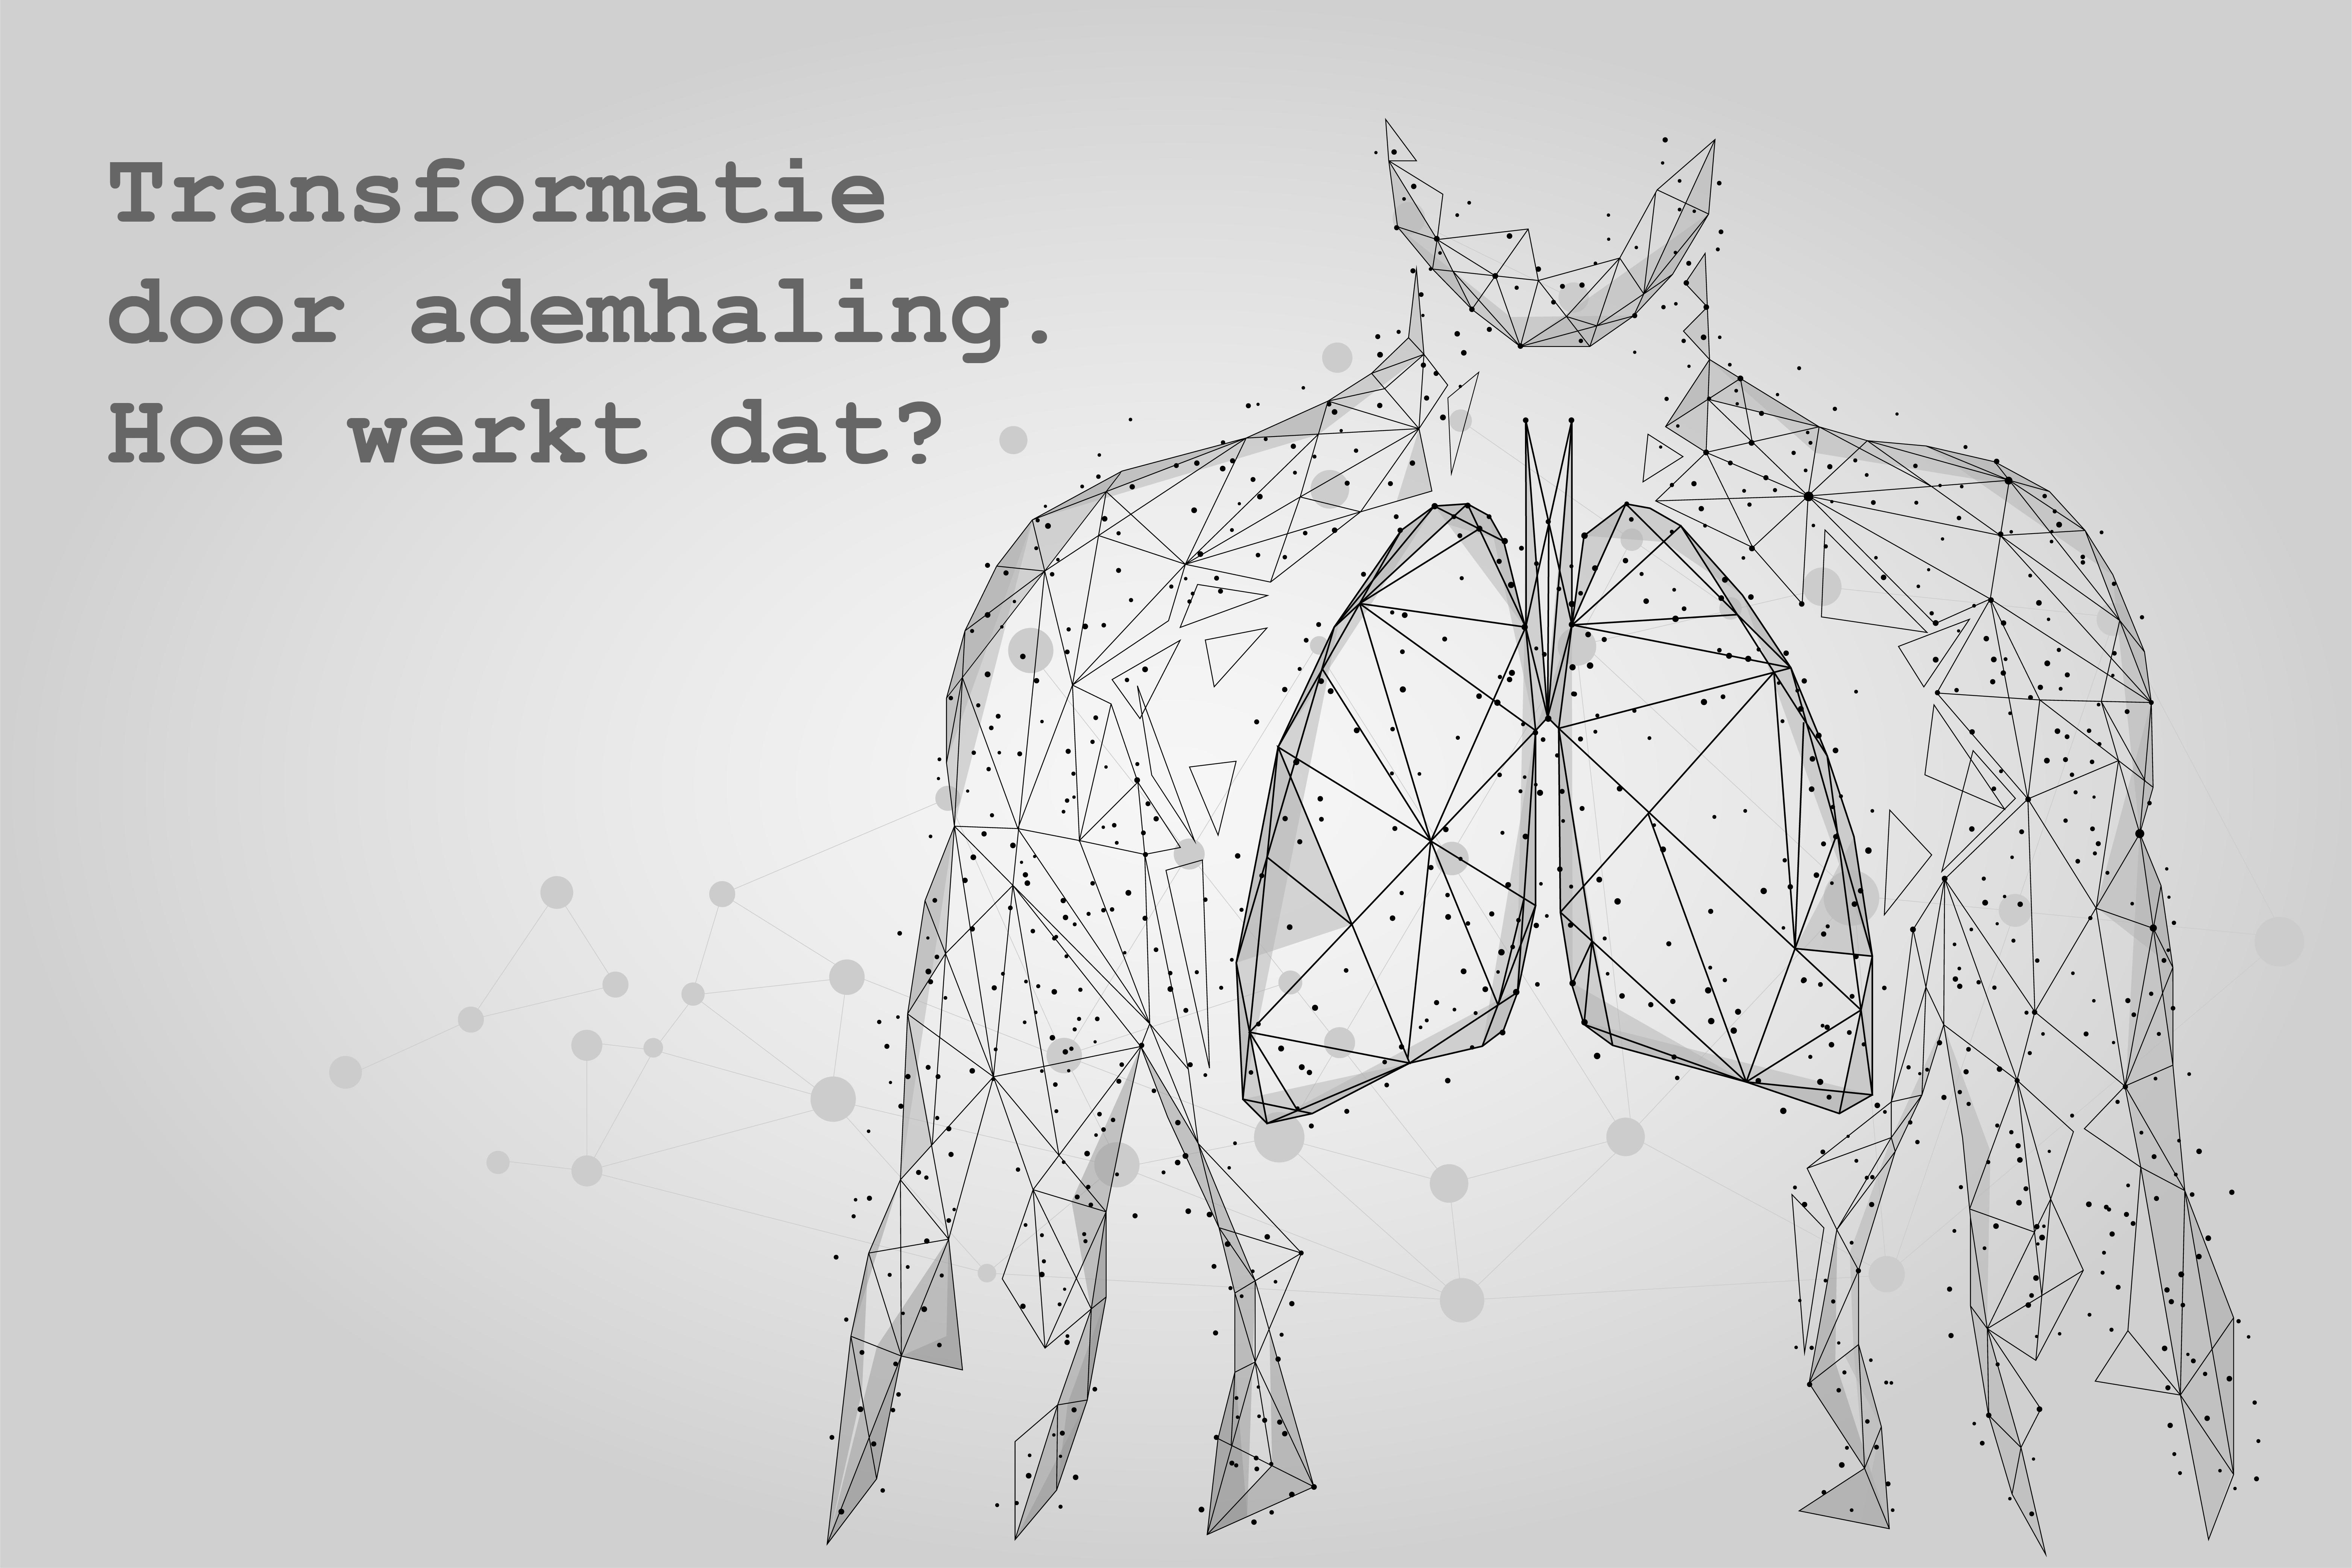 Transformatie door ademhaling. Hoe werkt dat?